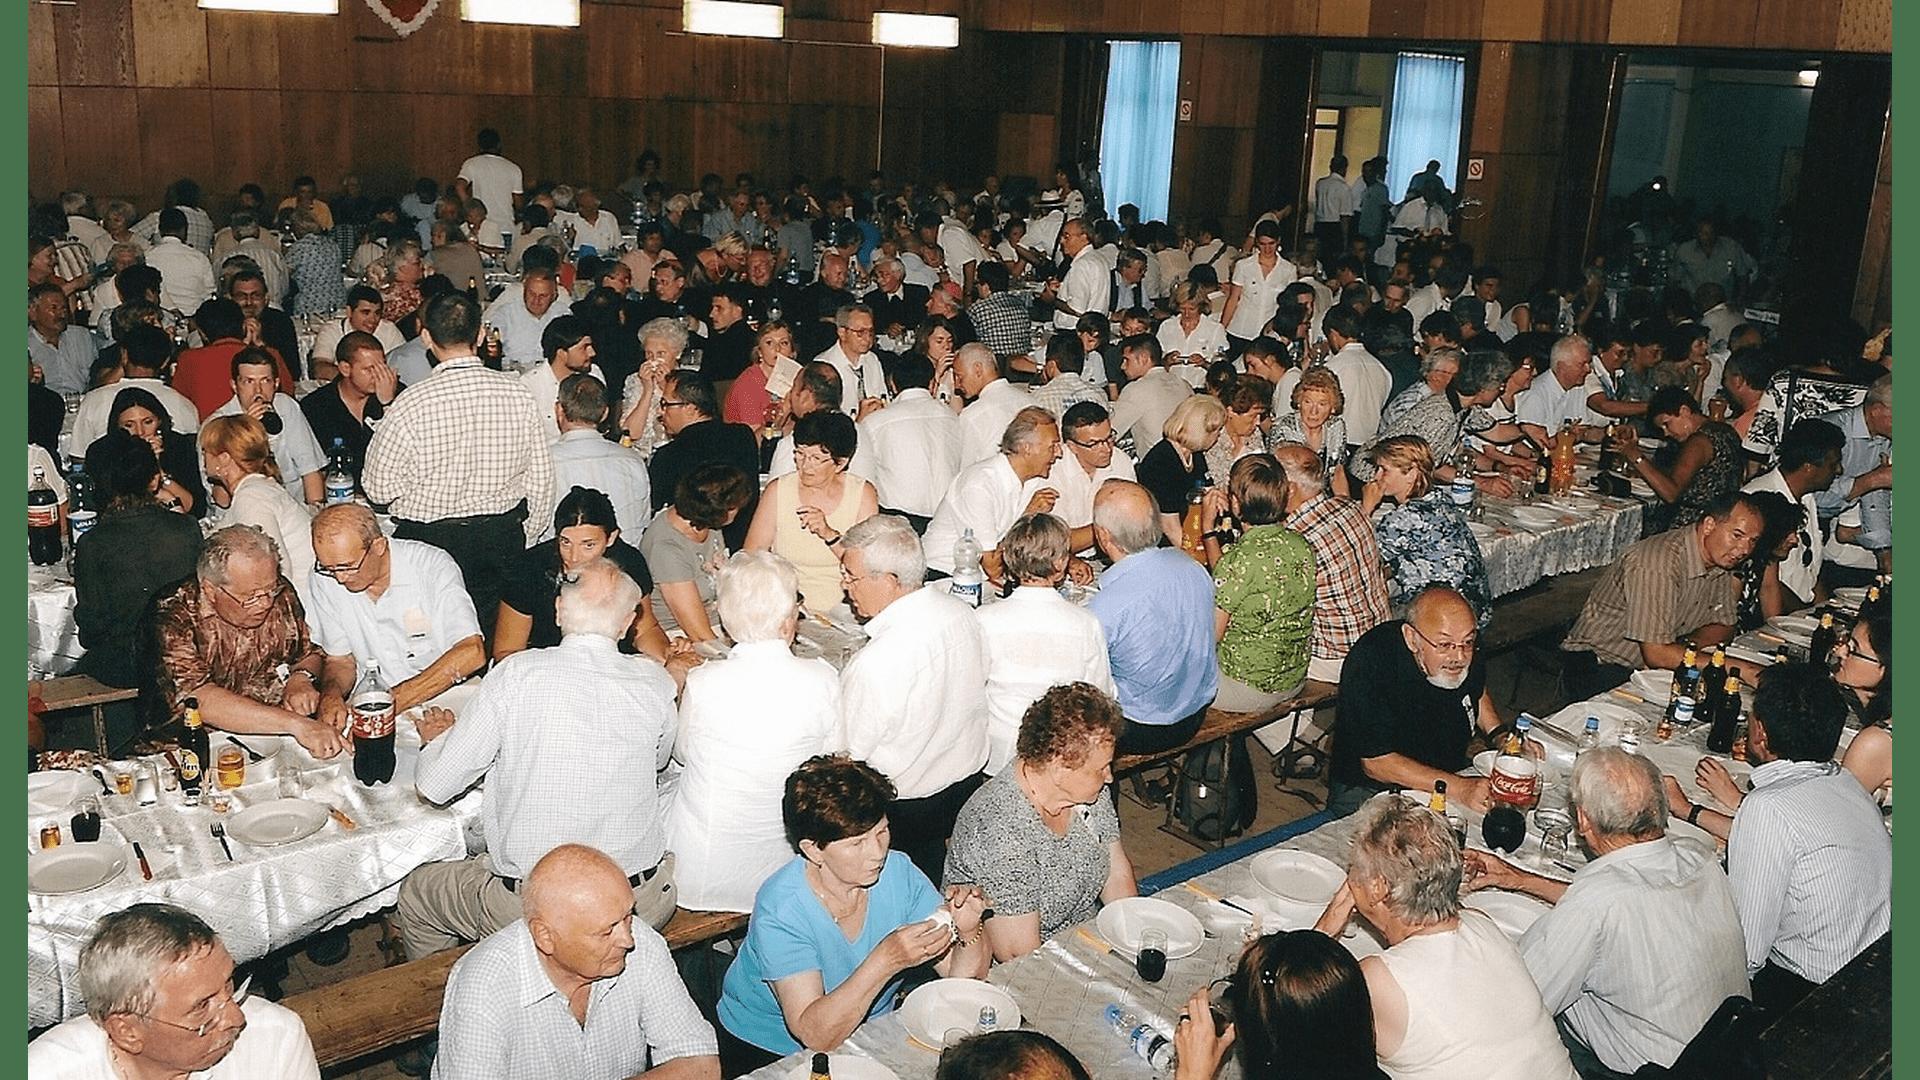 550 Teilnehmer beim Mittagessen im Bürgerhaus von Backi Gracac. Foto: Archiv Freundeskreis Filipowa